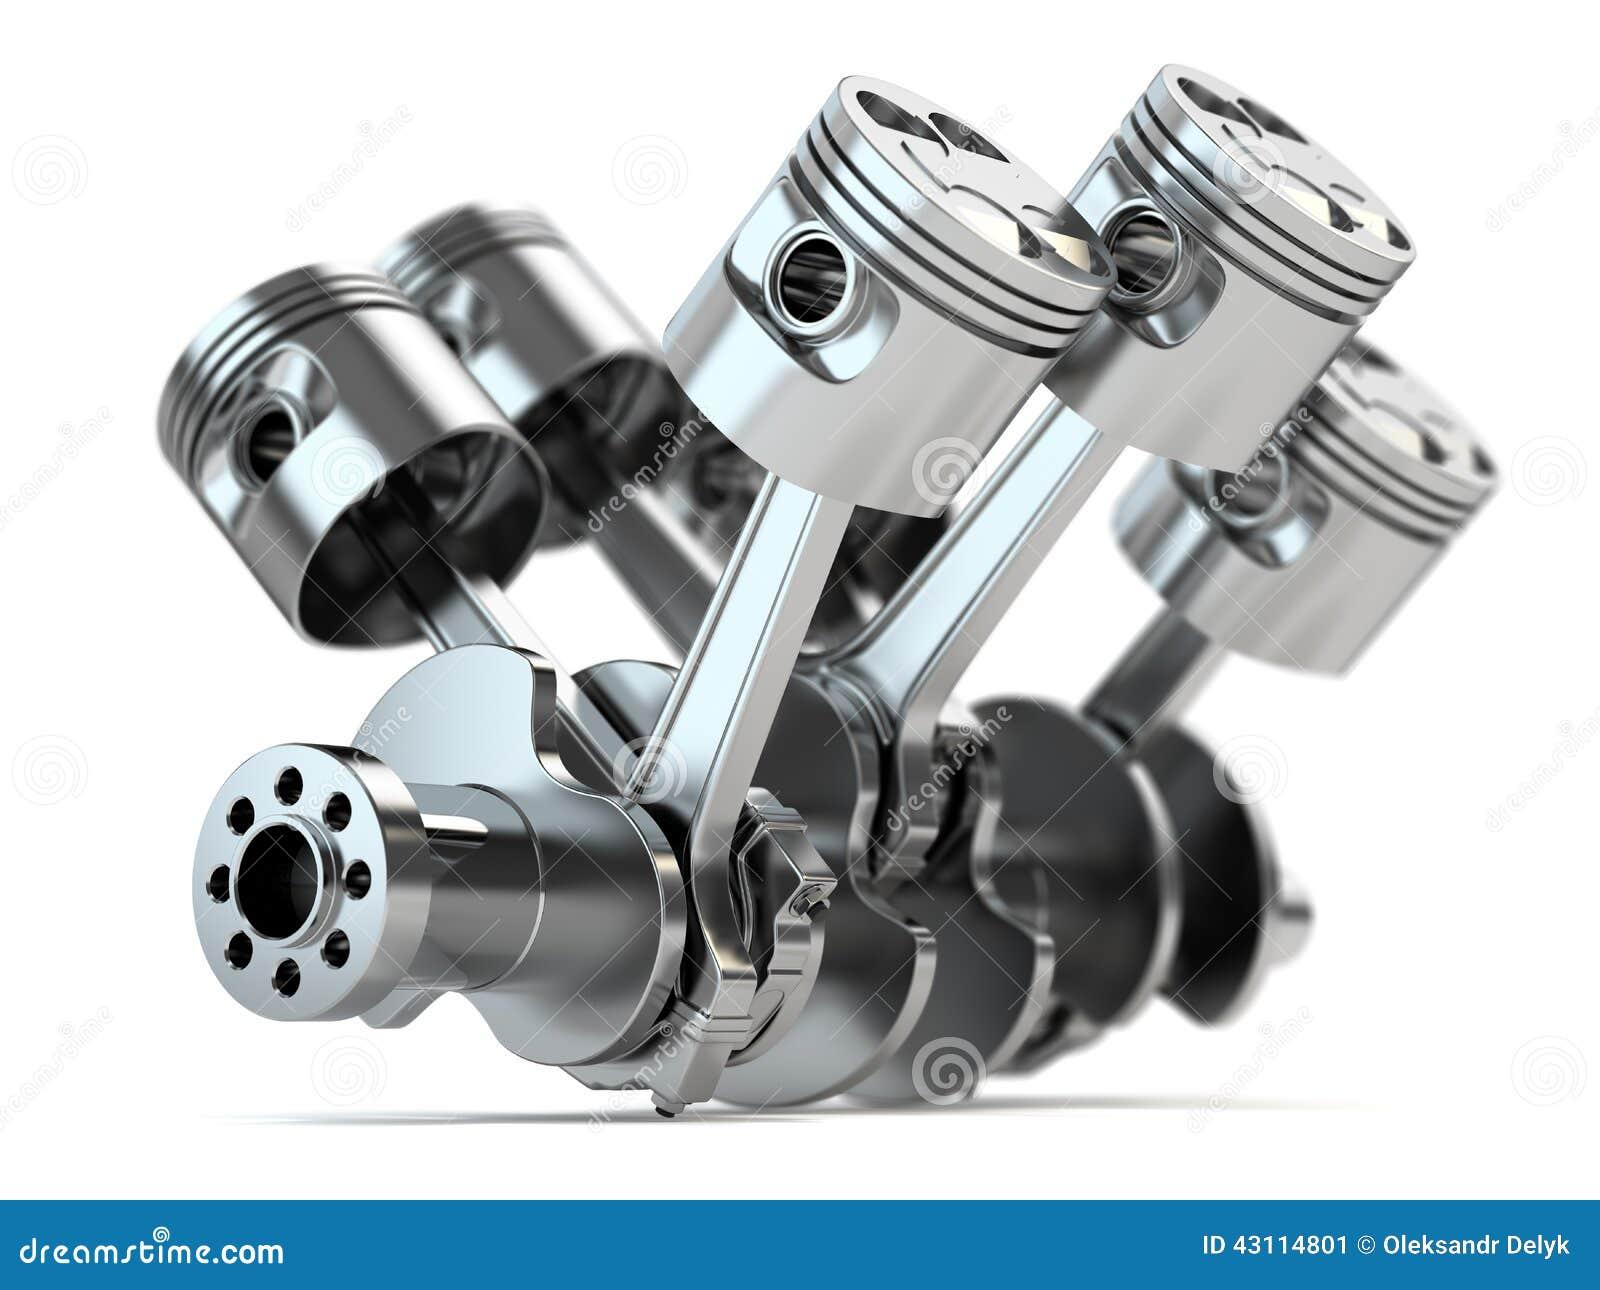 Ducati Diesel Engine Parts